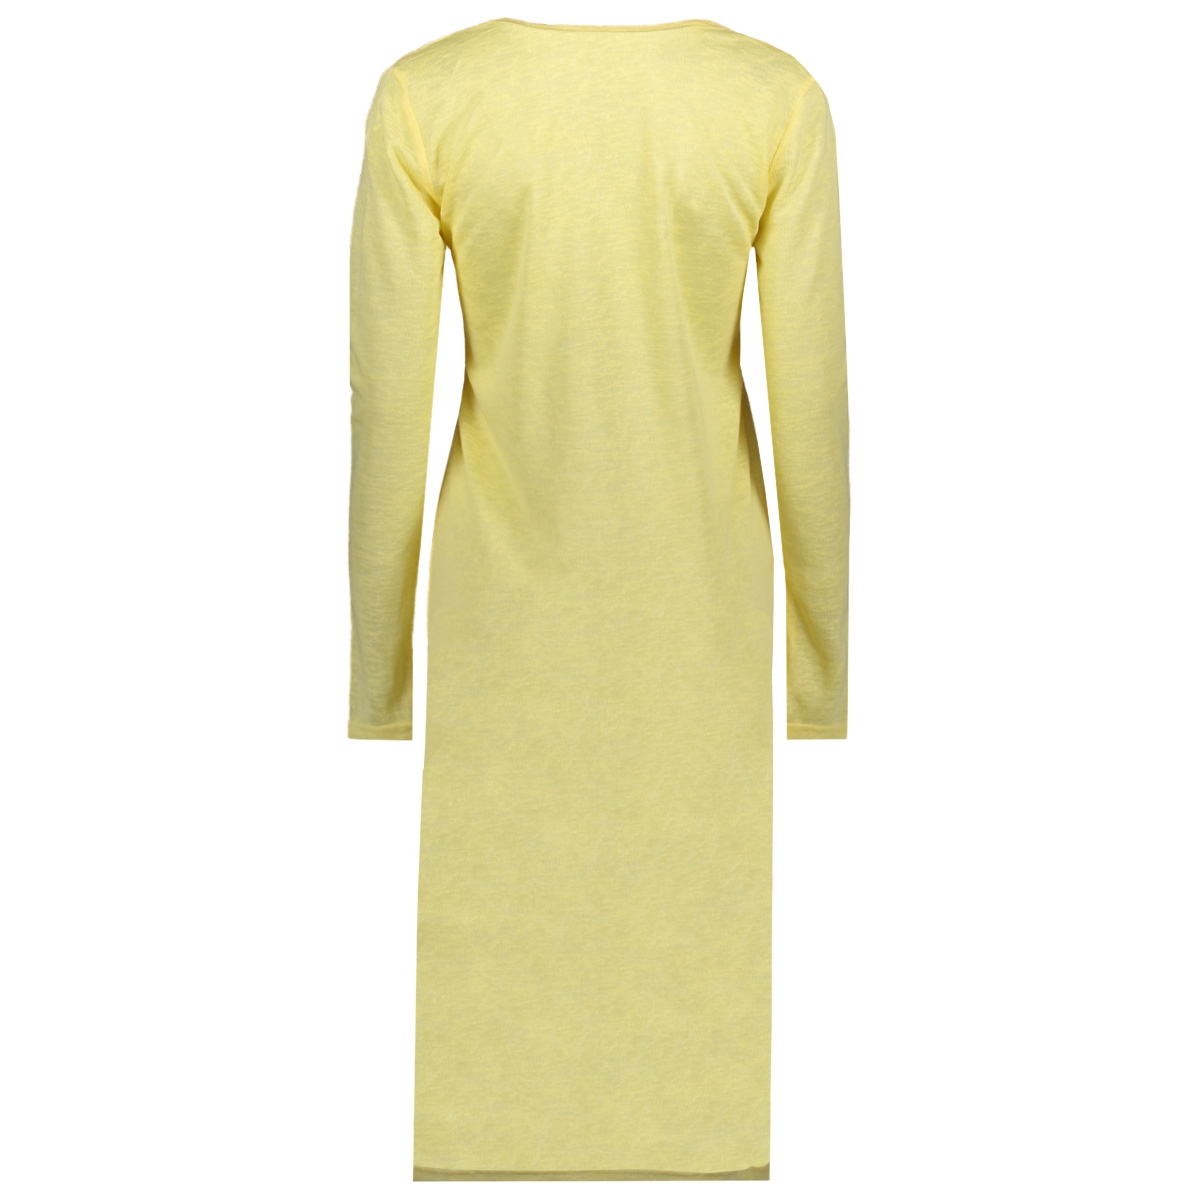 visumi l/s long cardigan/5 14058342 vila vest mellow yellow